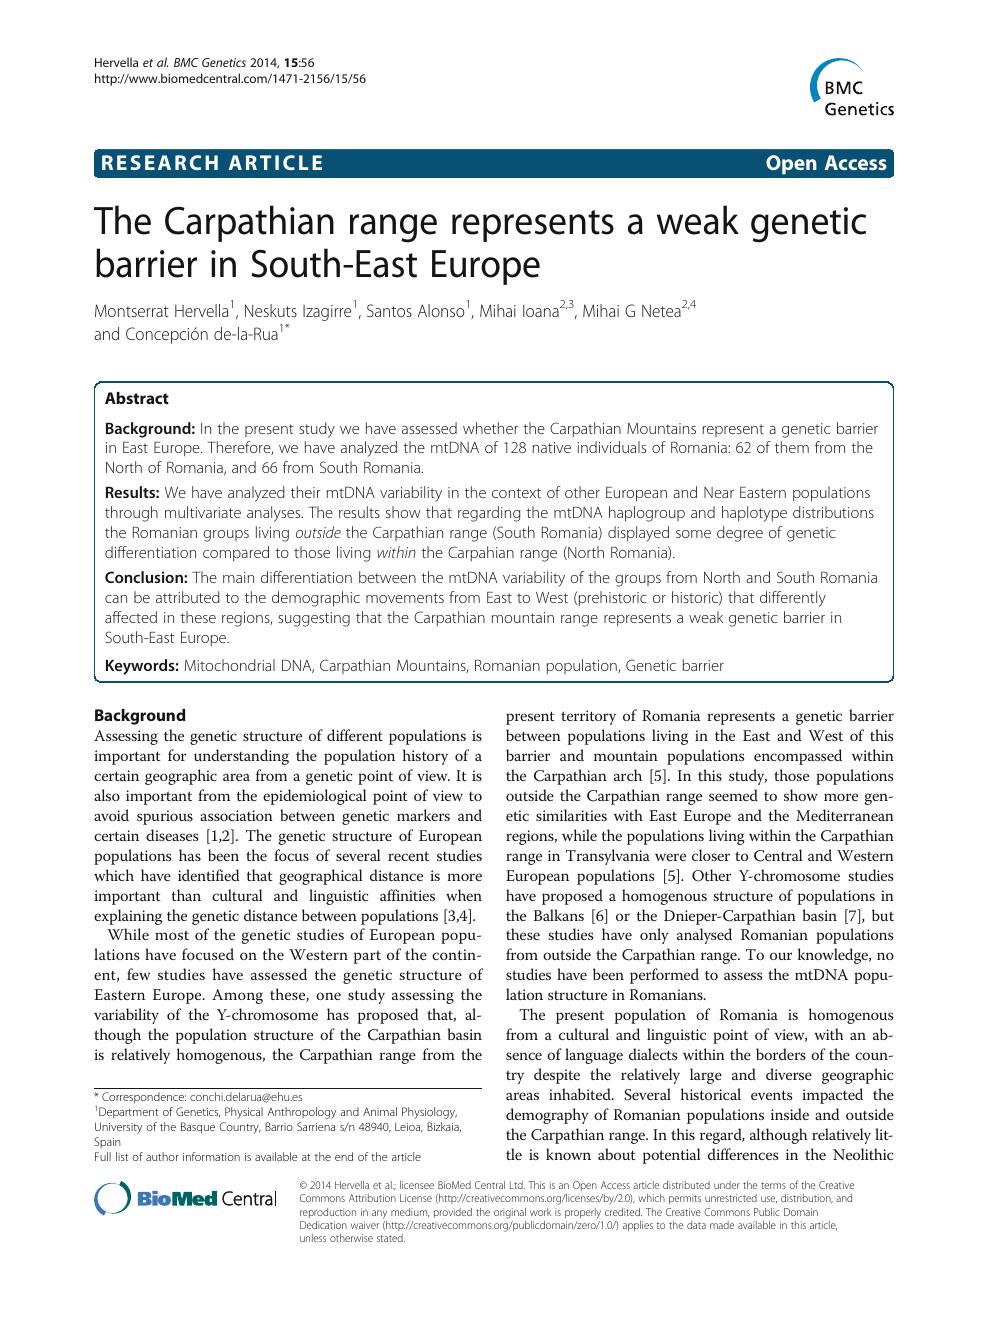 The Carpathian range represents a weak genetic barrier in South-East